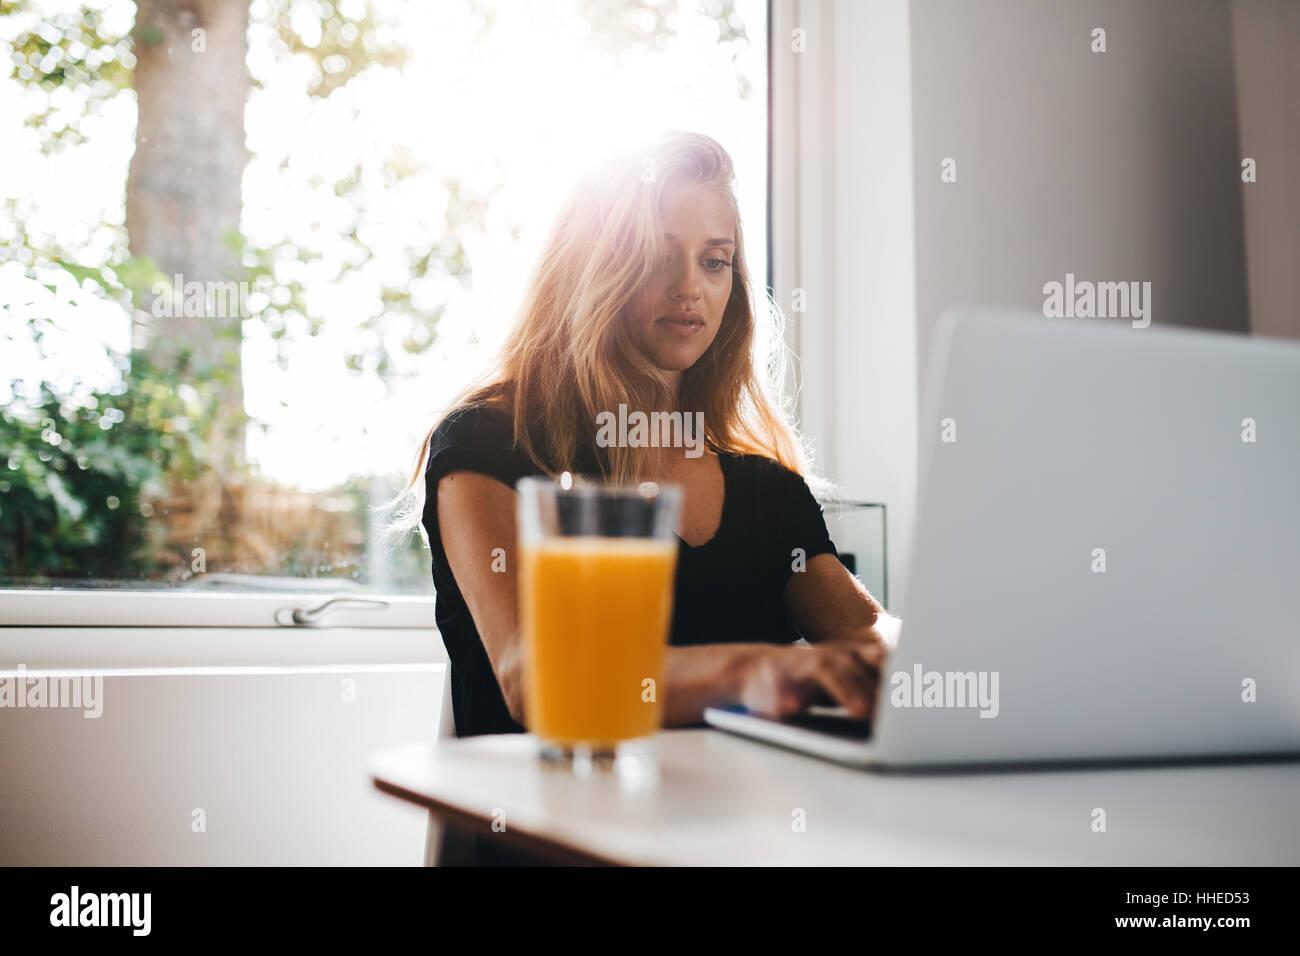 Innenaufnahme des weiblichen arbeiten am Laptop. Frau Morgen sitzen in Küche und Laptopcomputer. Stockbild